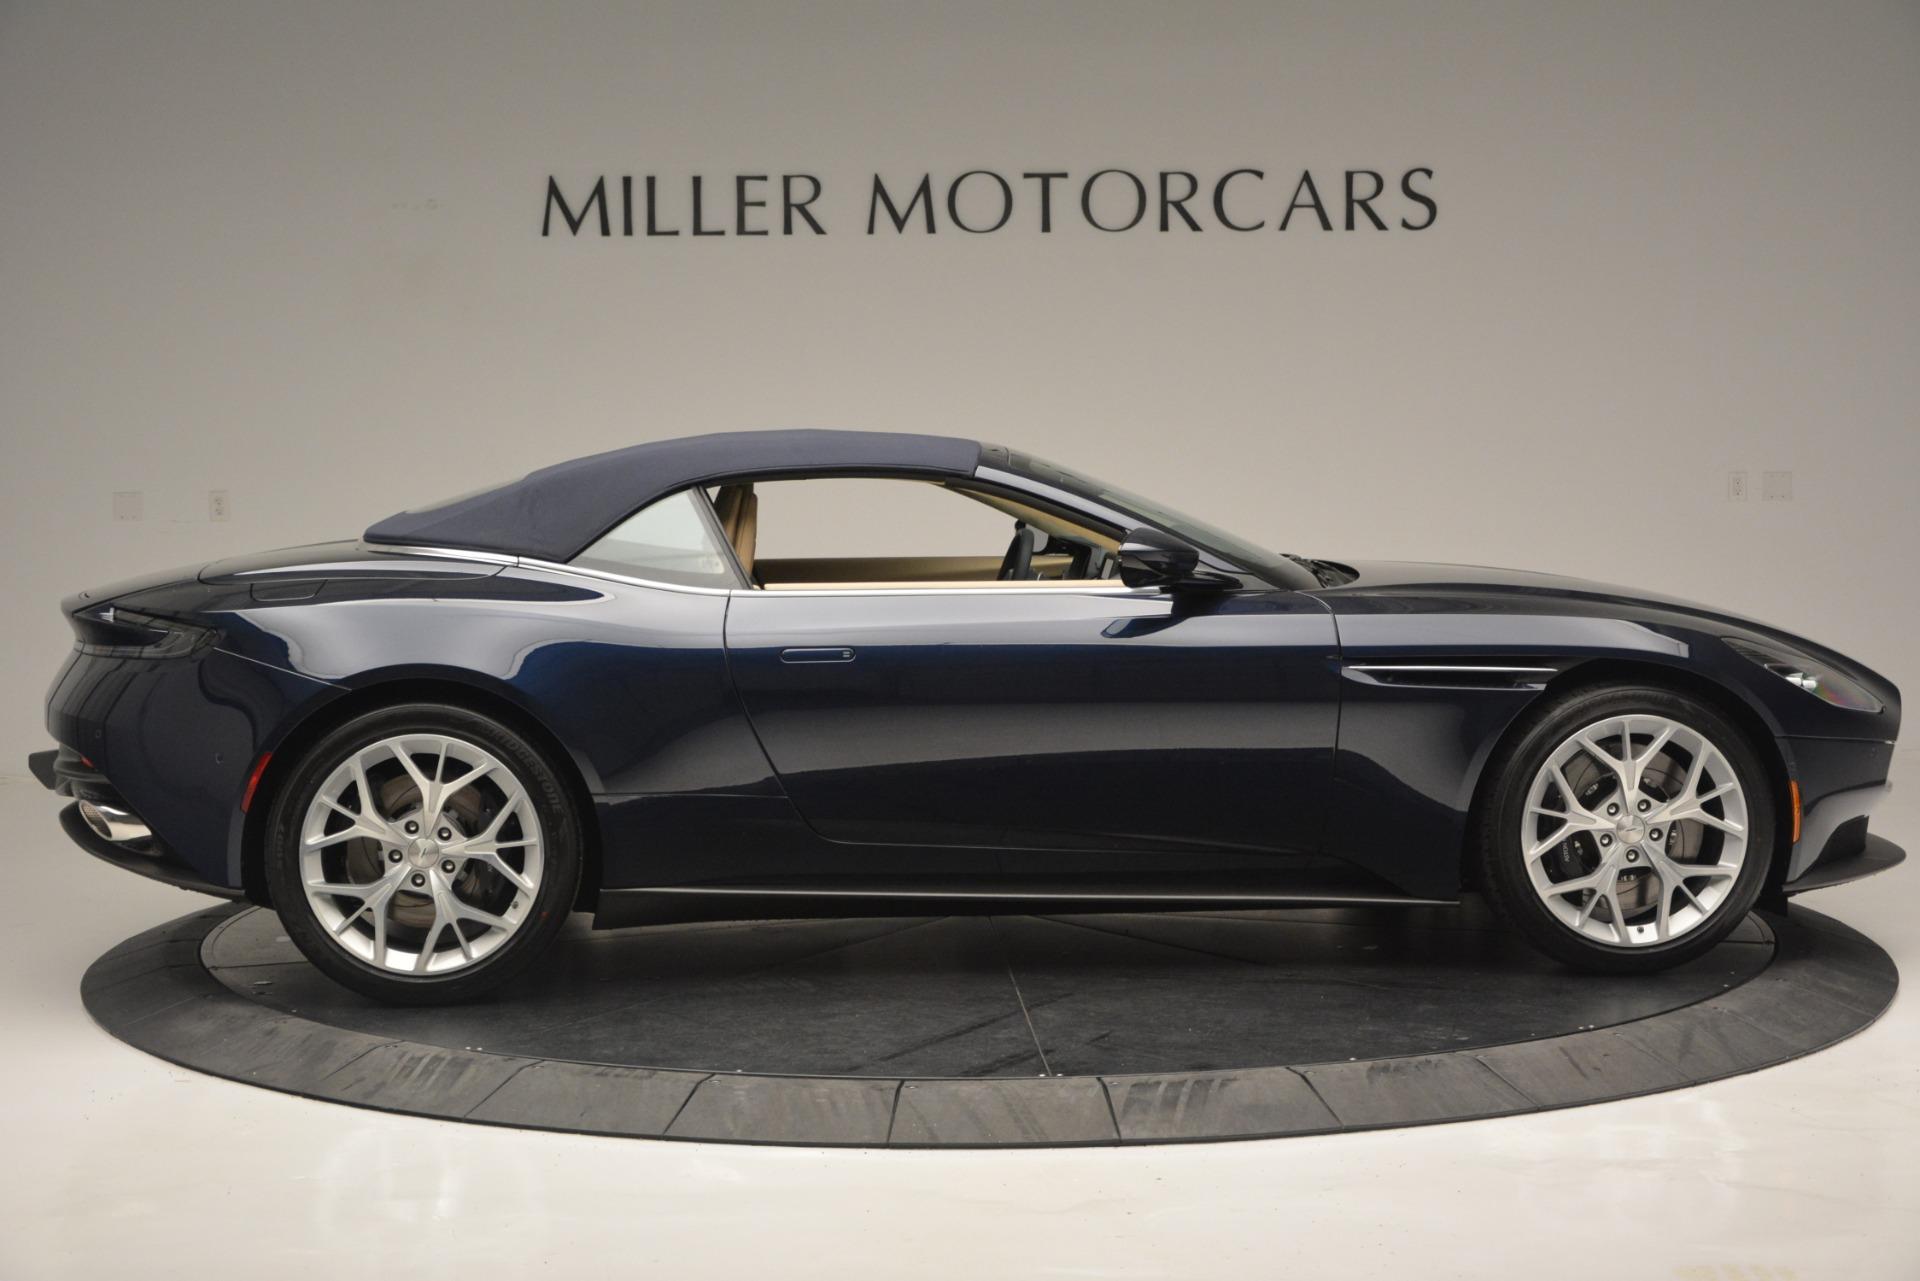 New 2019 Aston Martin DB11 Volante Volante For Sale In Greenwich, CT 2594_p20